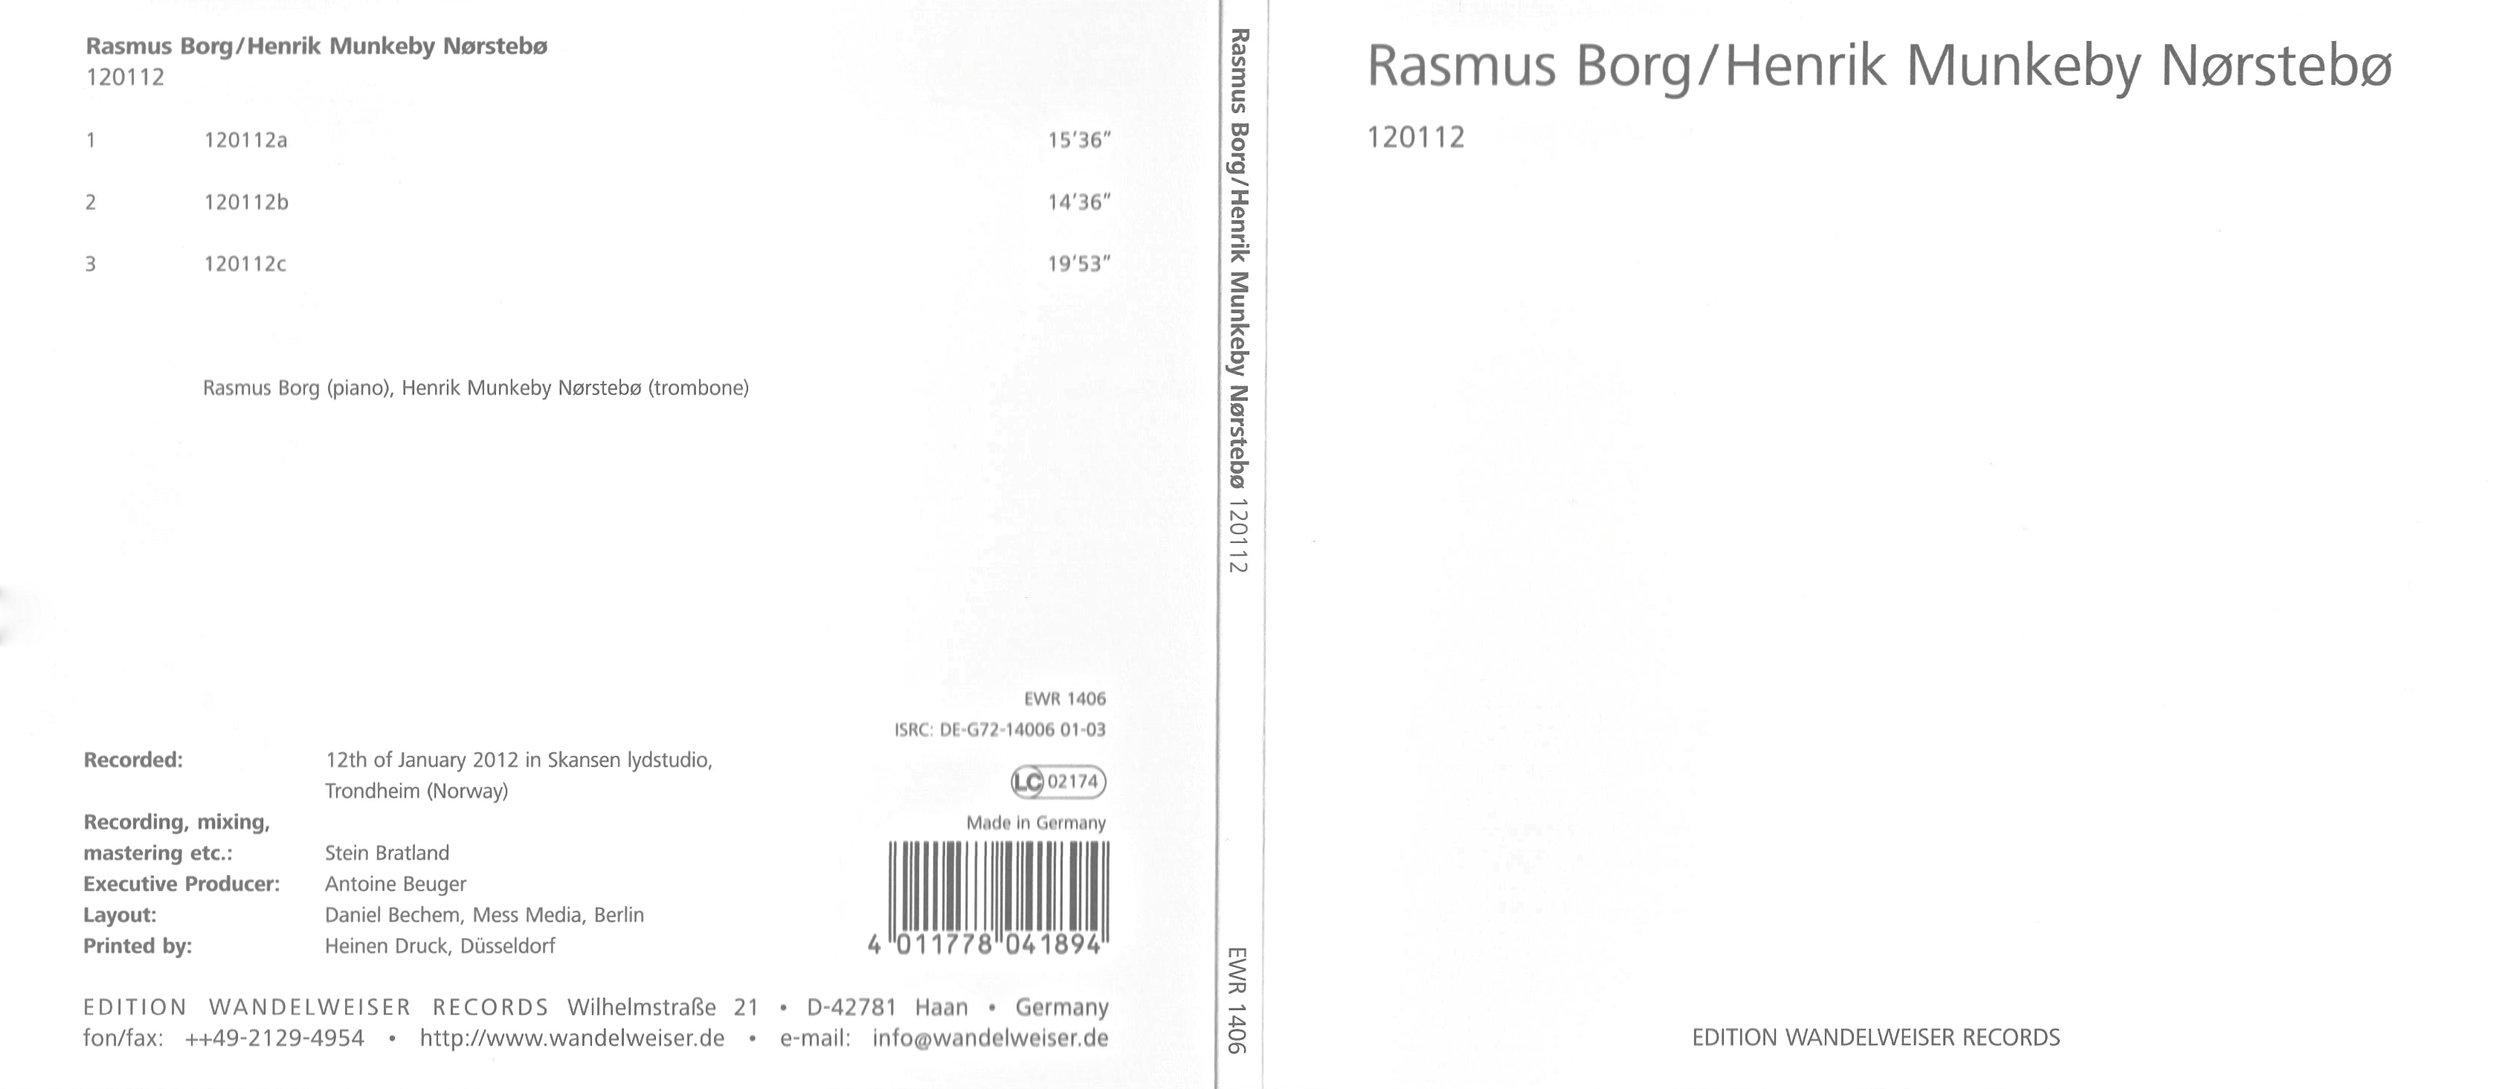 Rasmus Borg/Henrik Munkeby Nørstebø - 120112